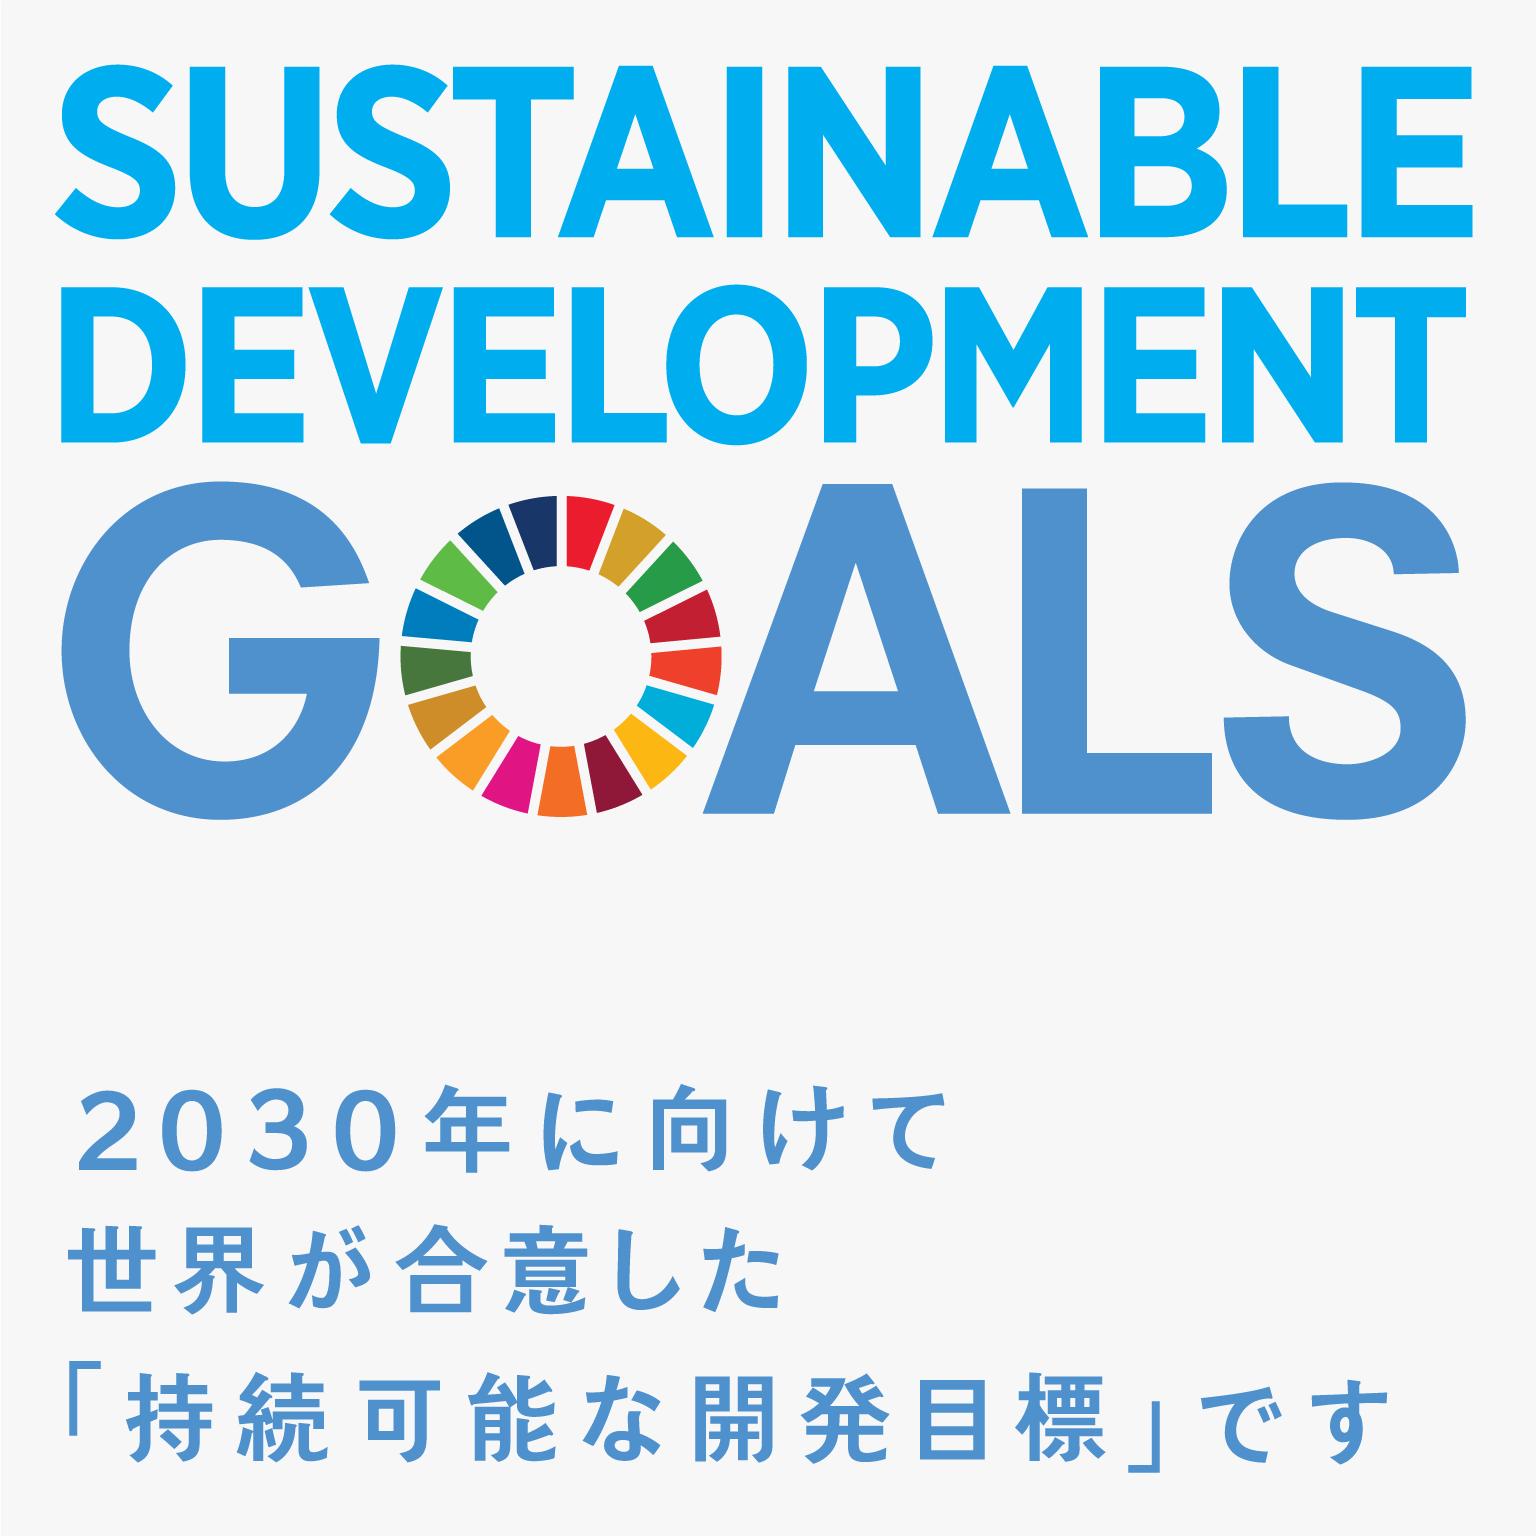 SDGsのロゴ文章